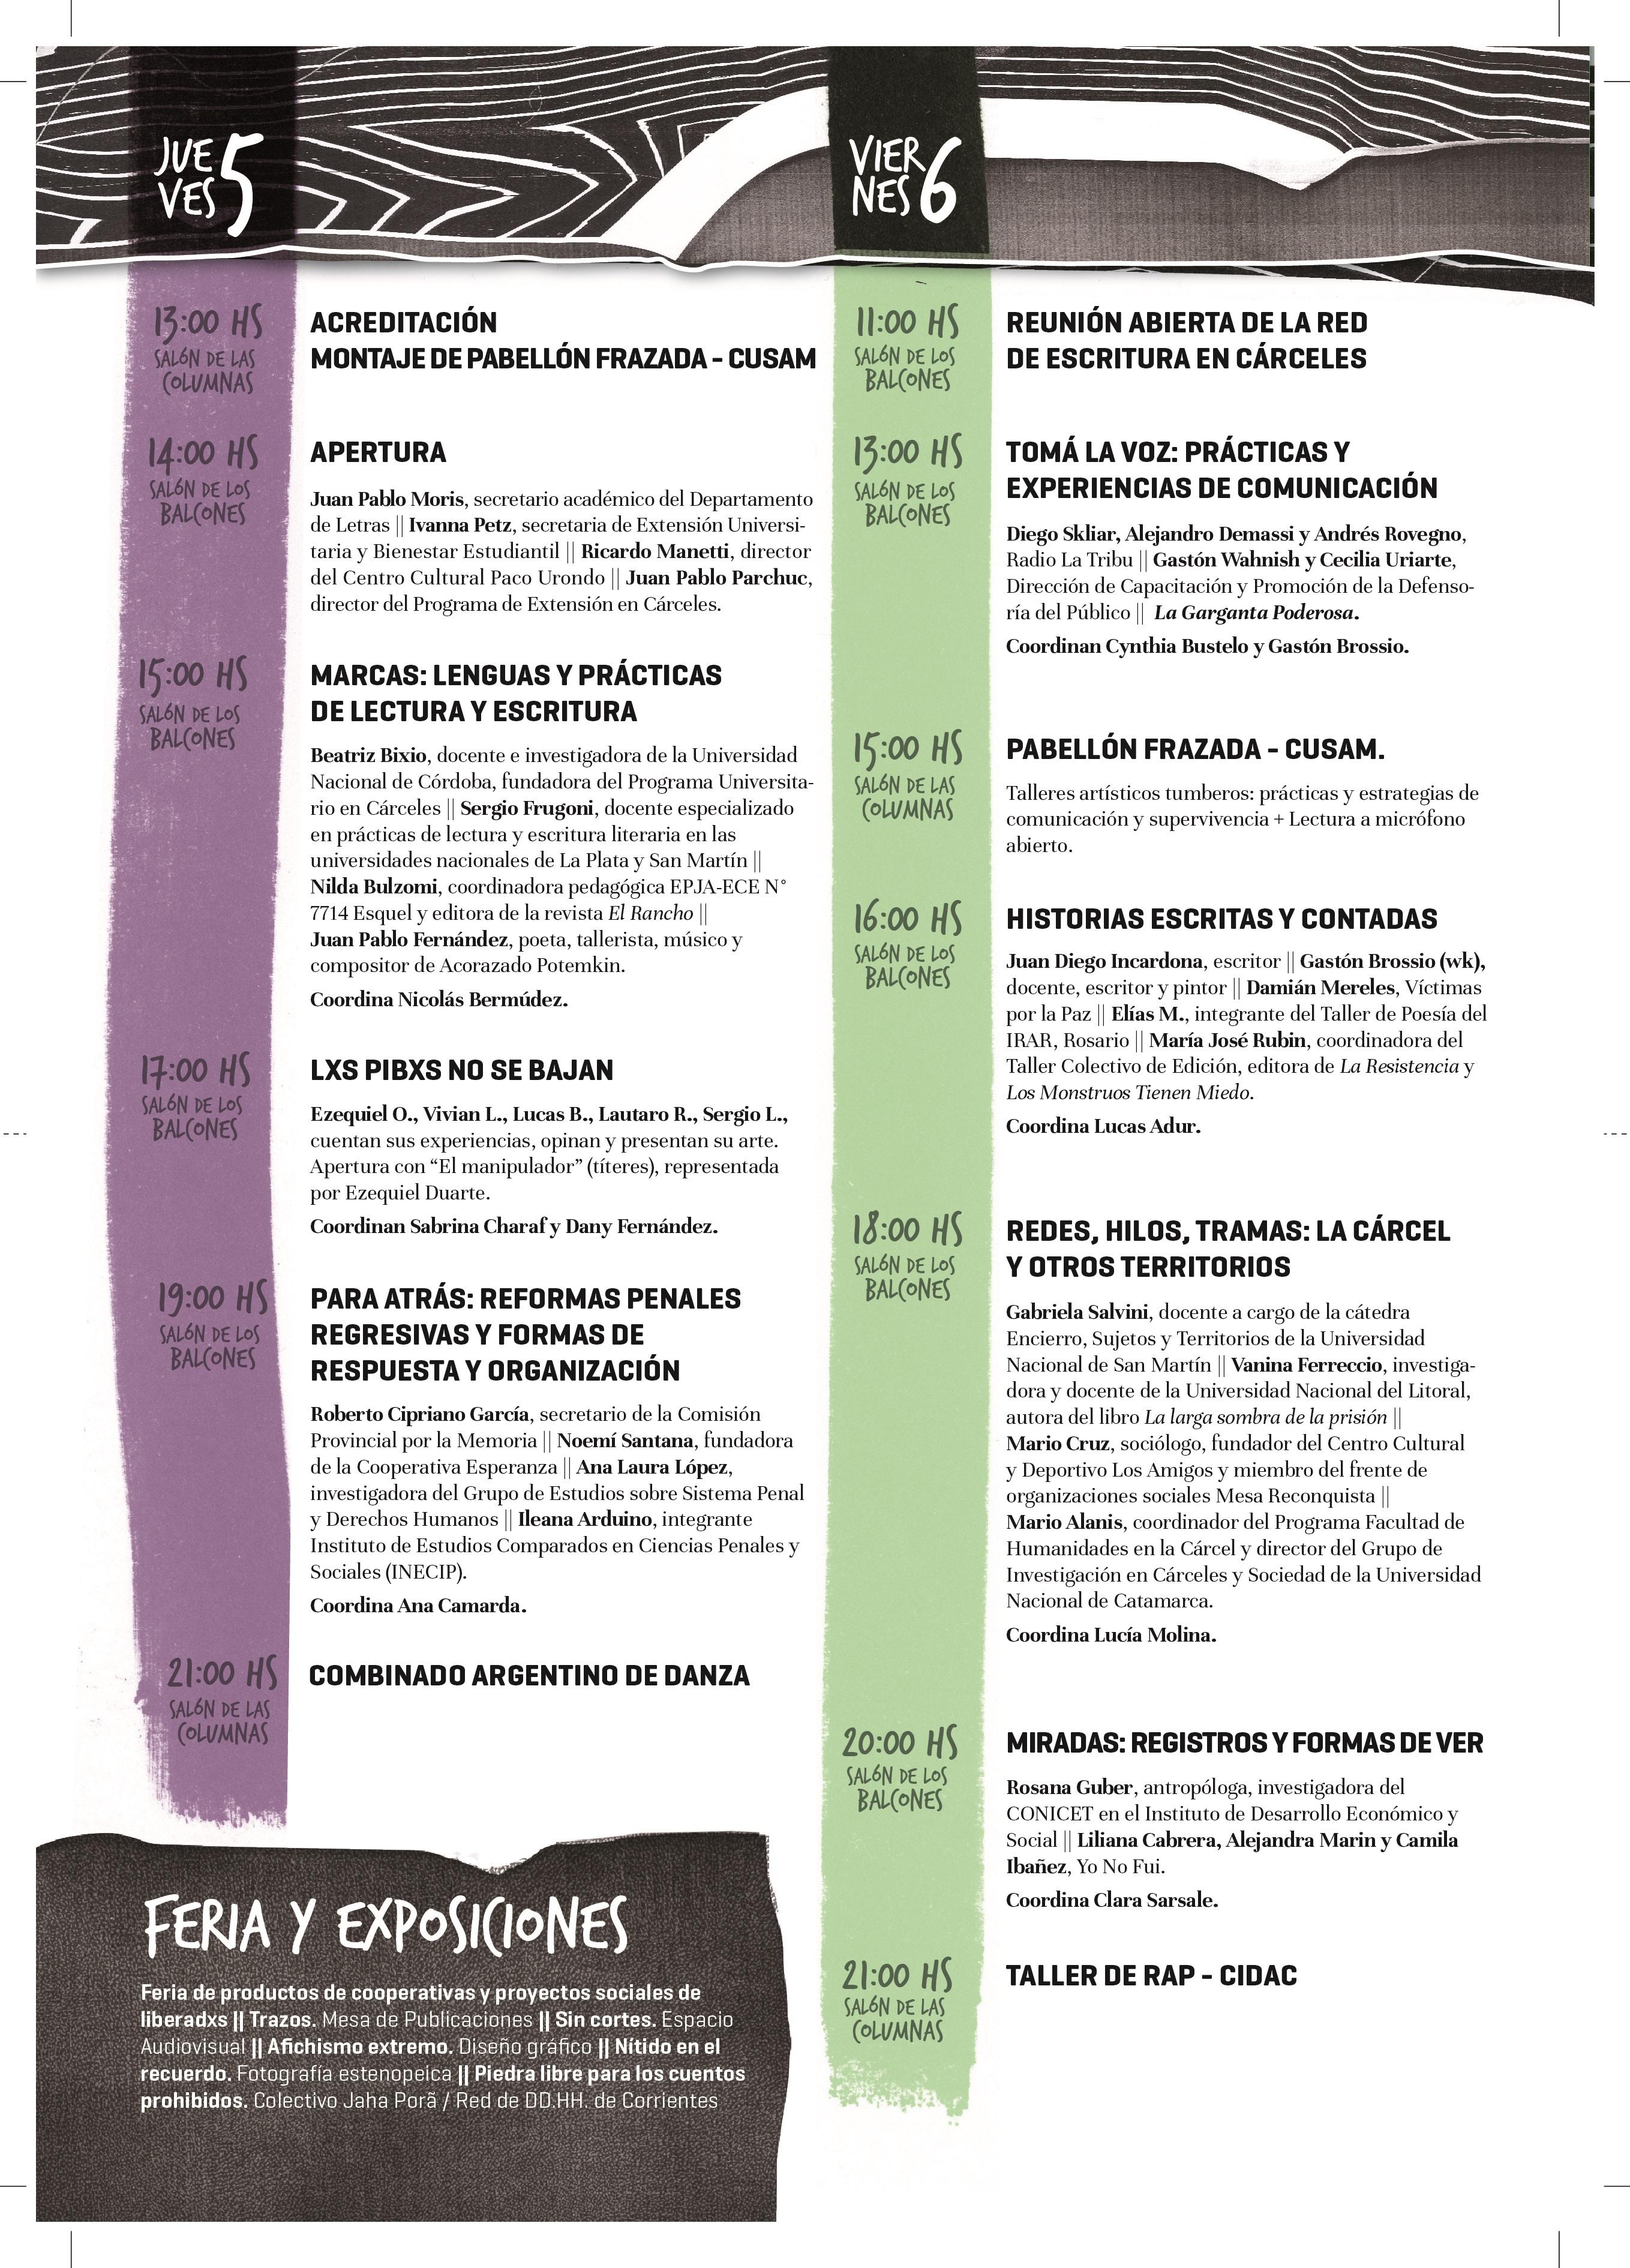 La imagen muestra el Programa de Actividades del Encuentro de Escritura en Cárceles.